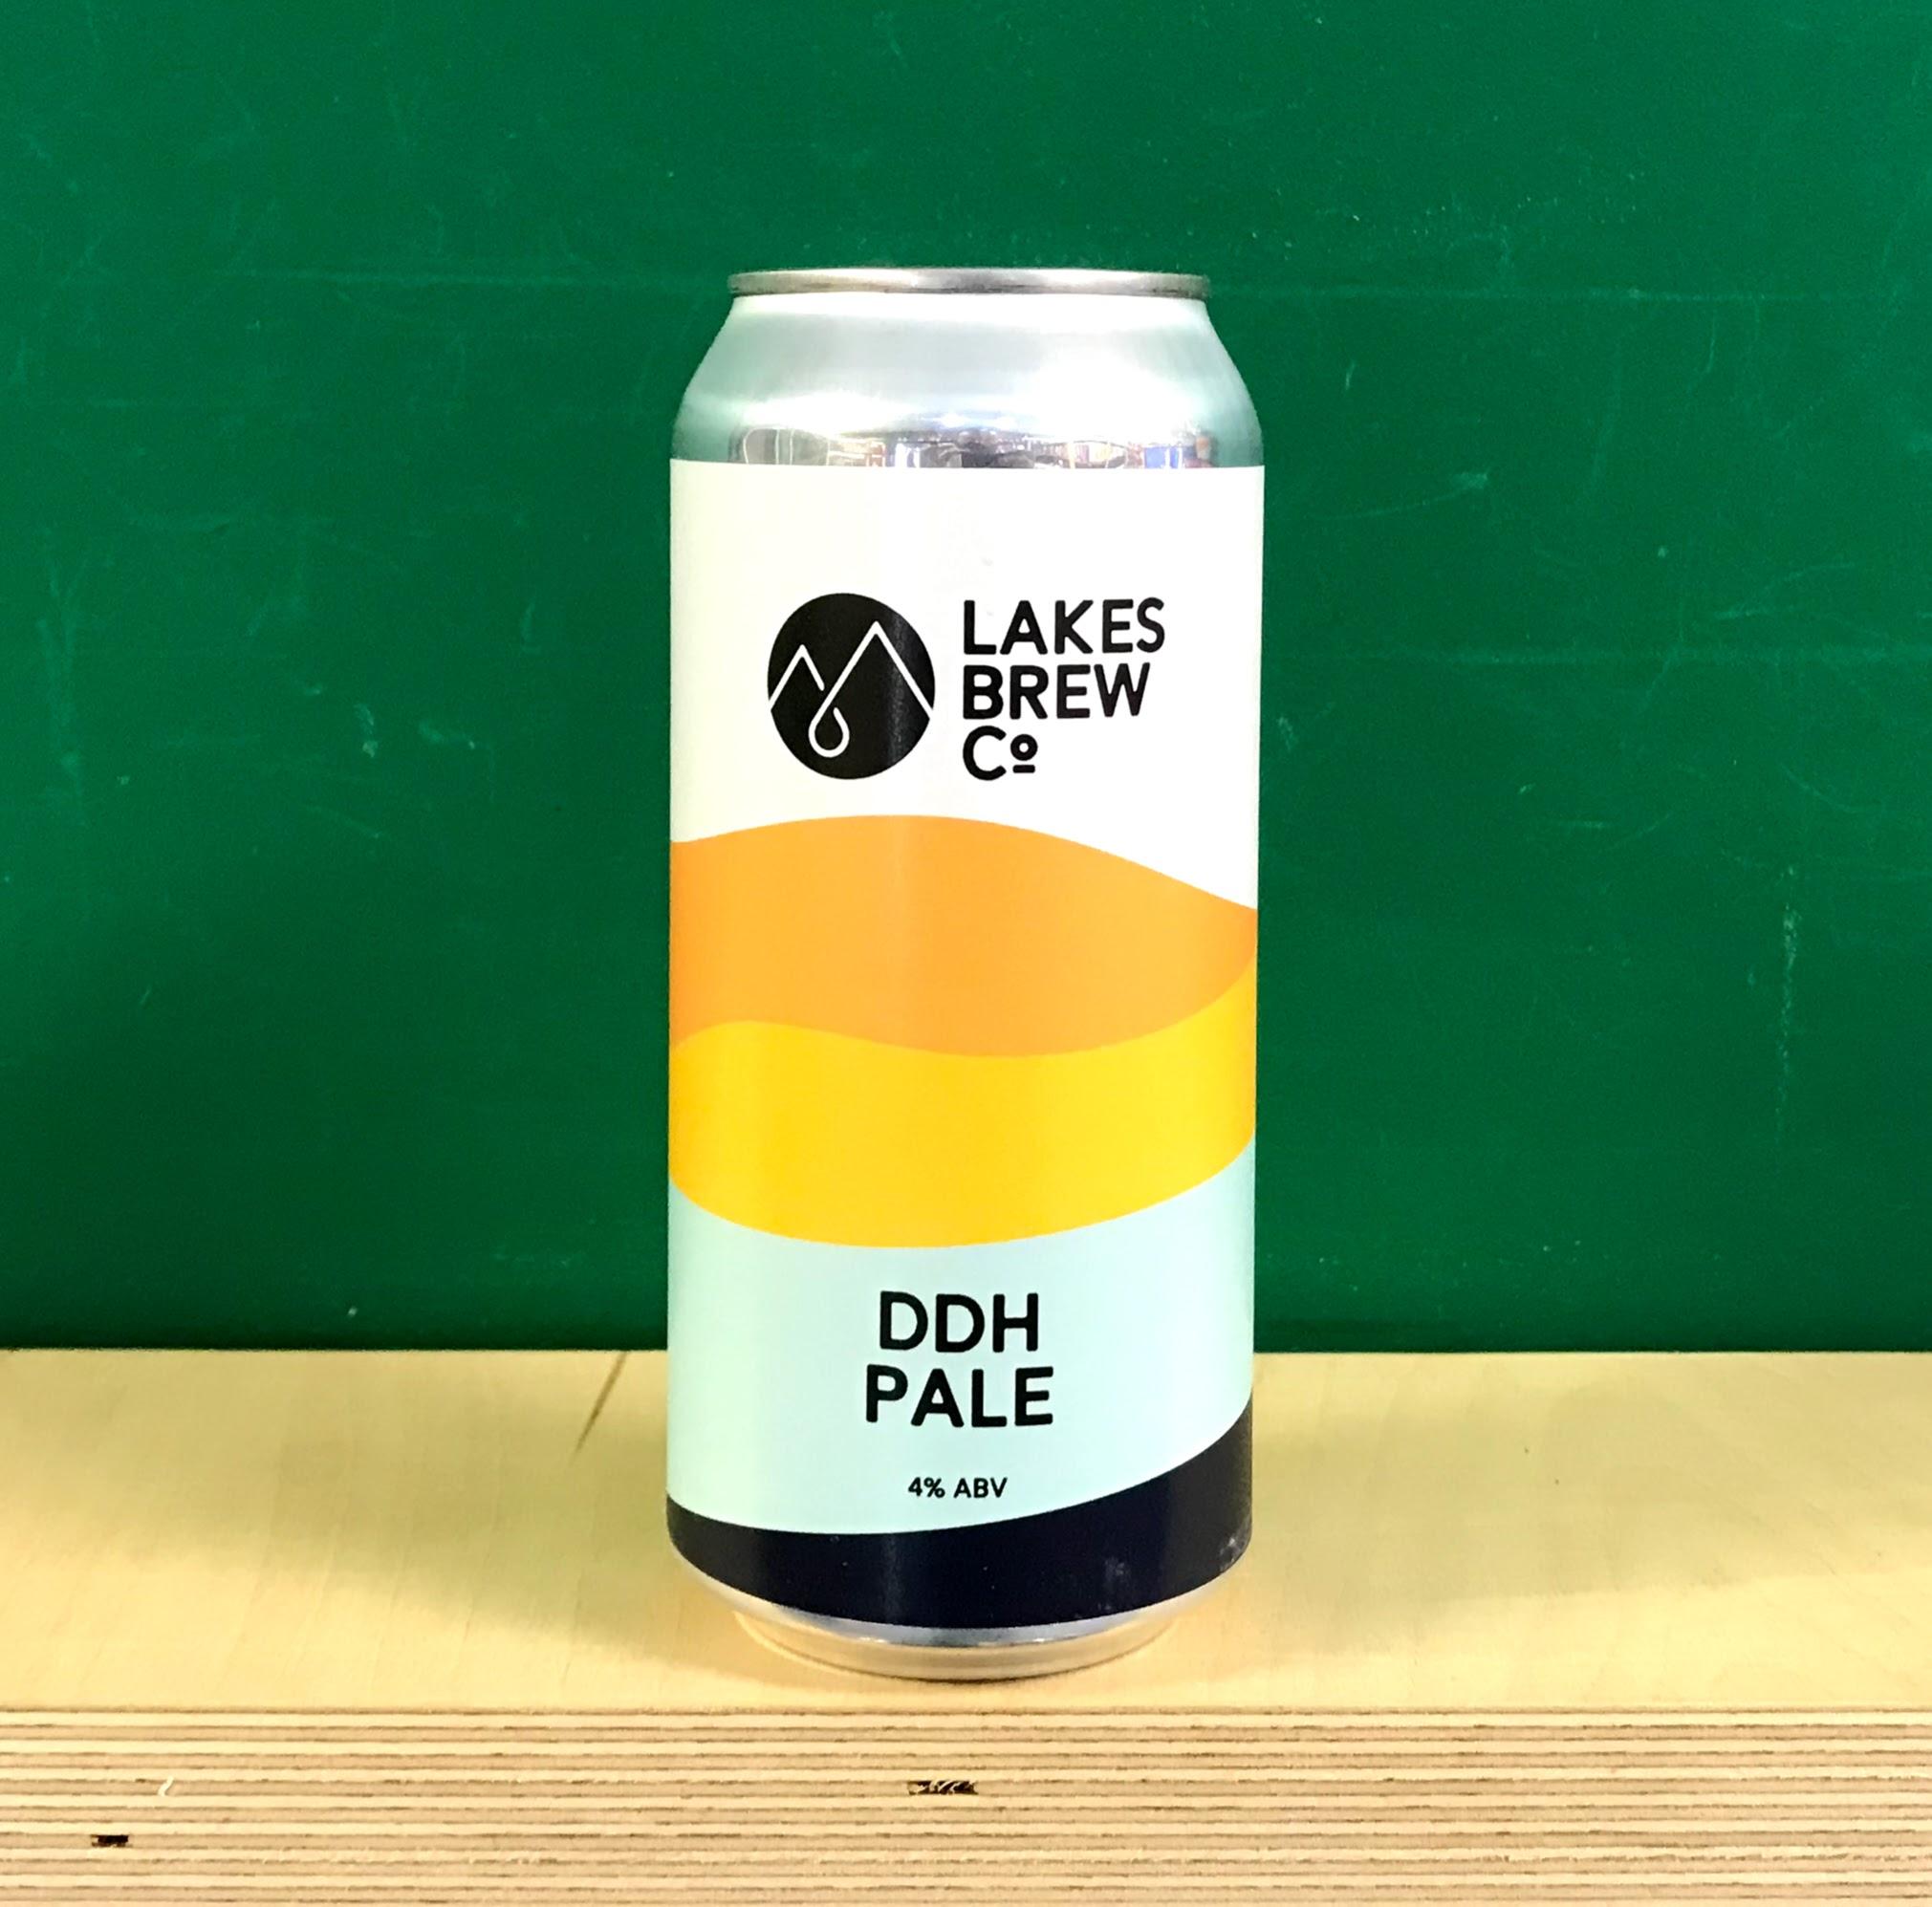 Lakes Brew Co DDH Pale